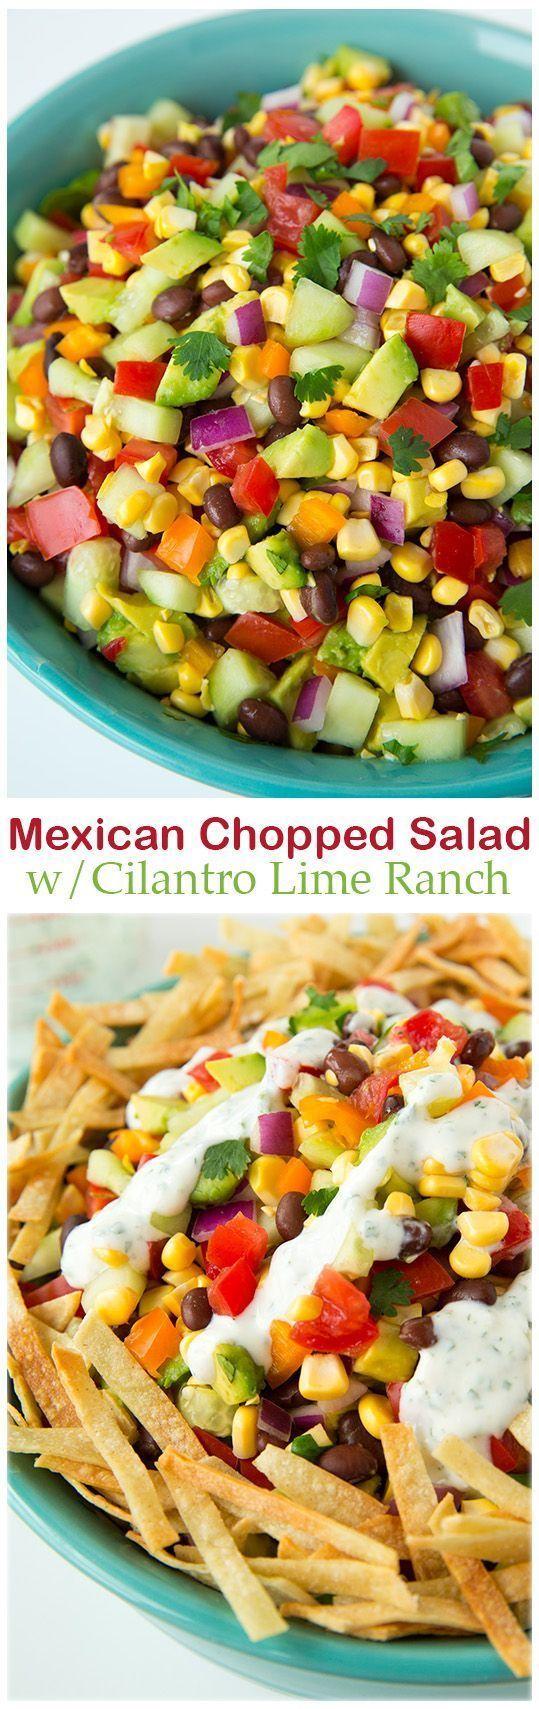 Mexican Chopped Salad with Greek Yogurt